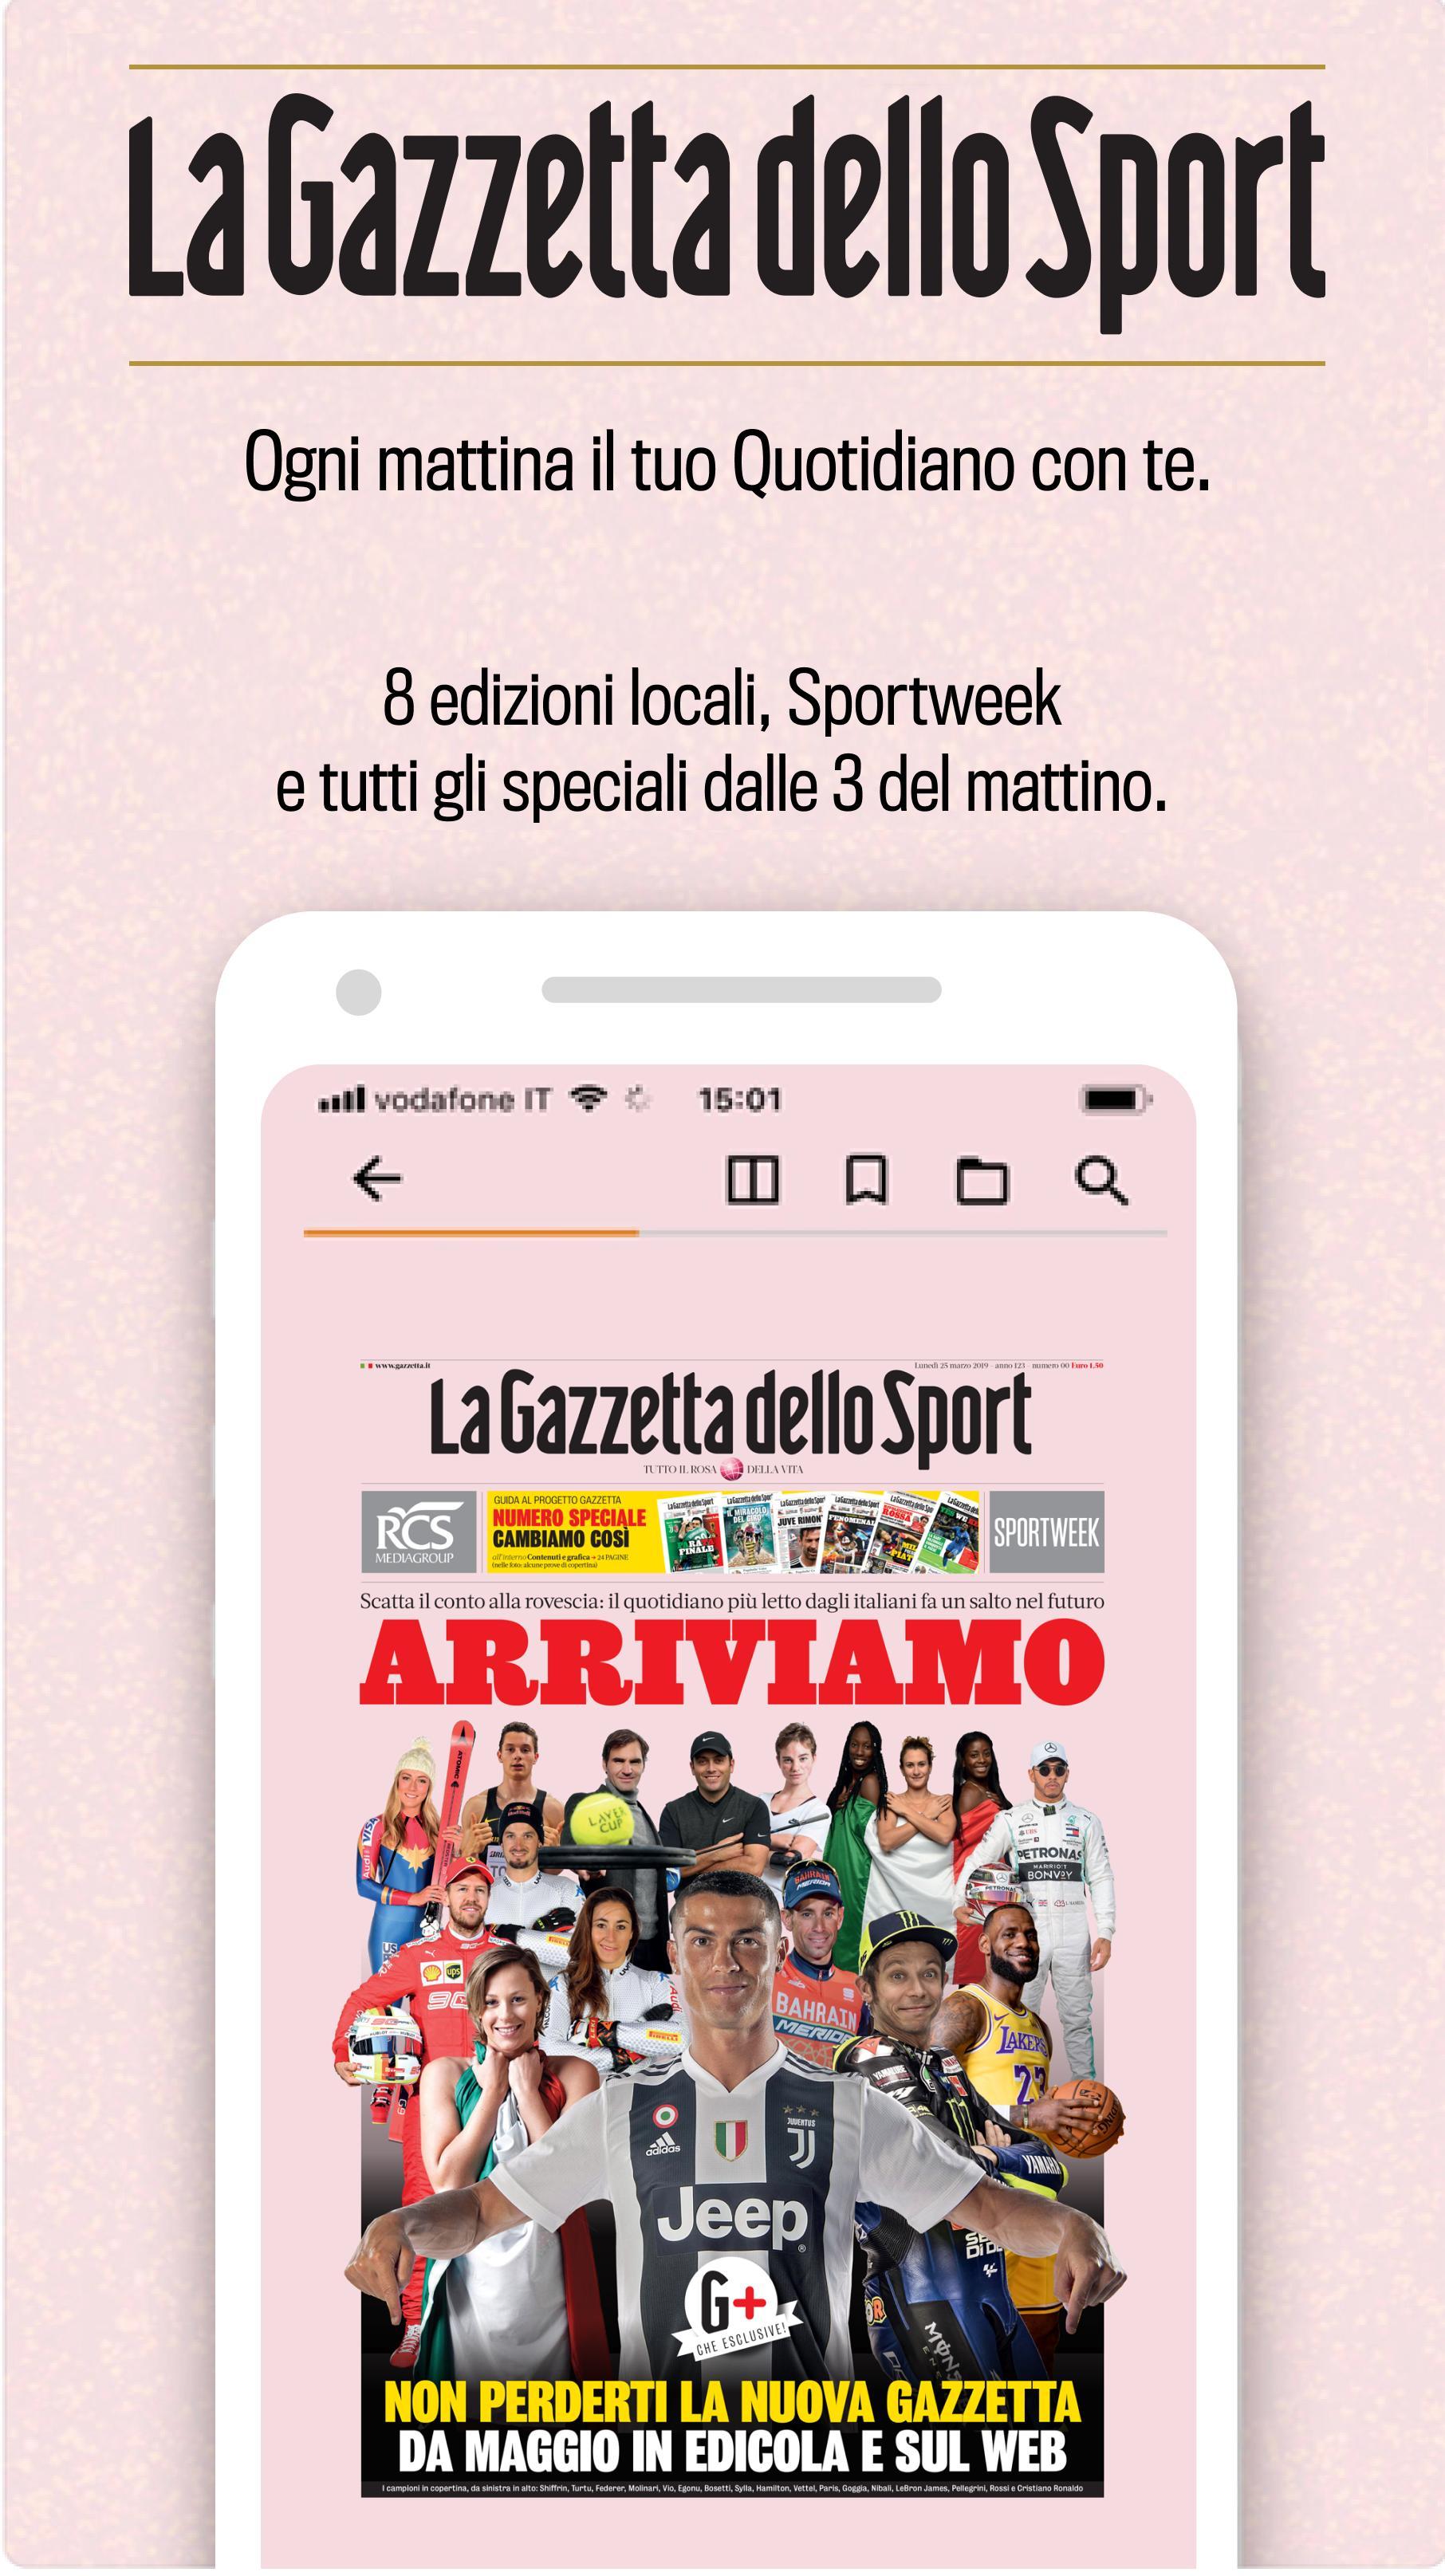 La Gazzetta Dello Sport Il Quotidiano For Android Apk Download